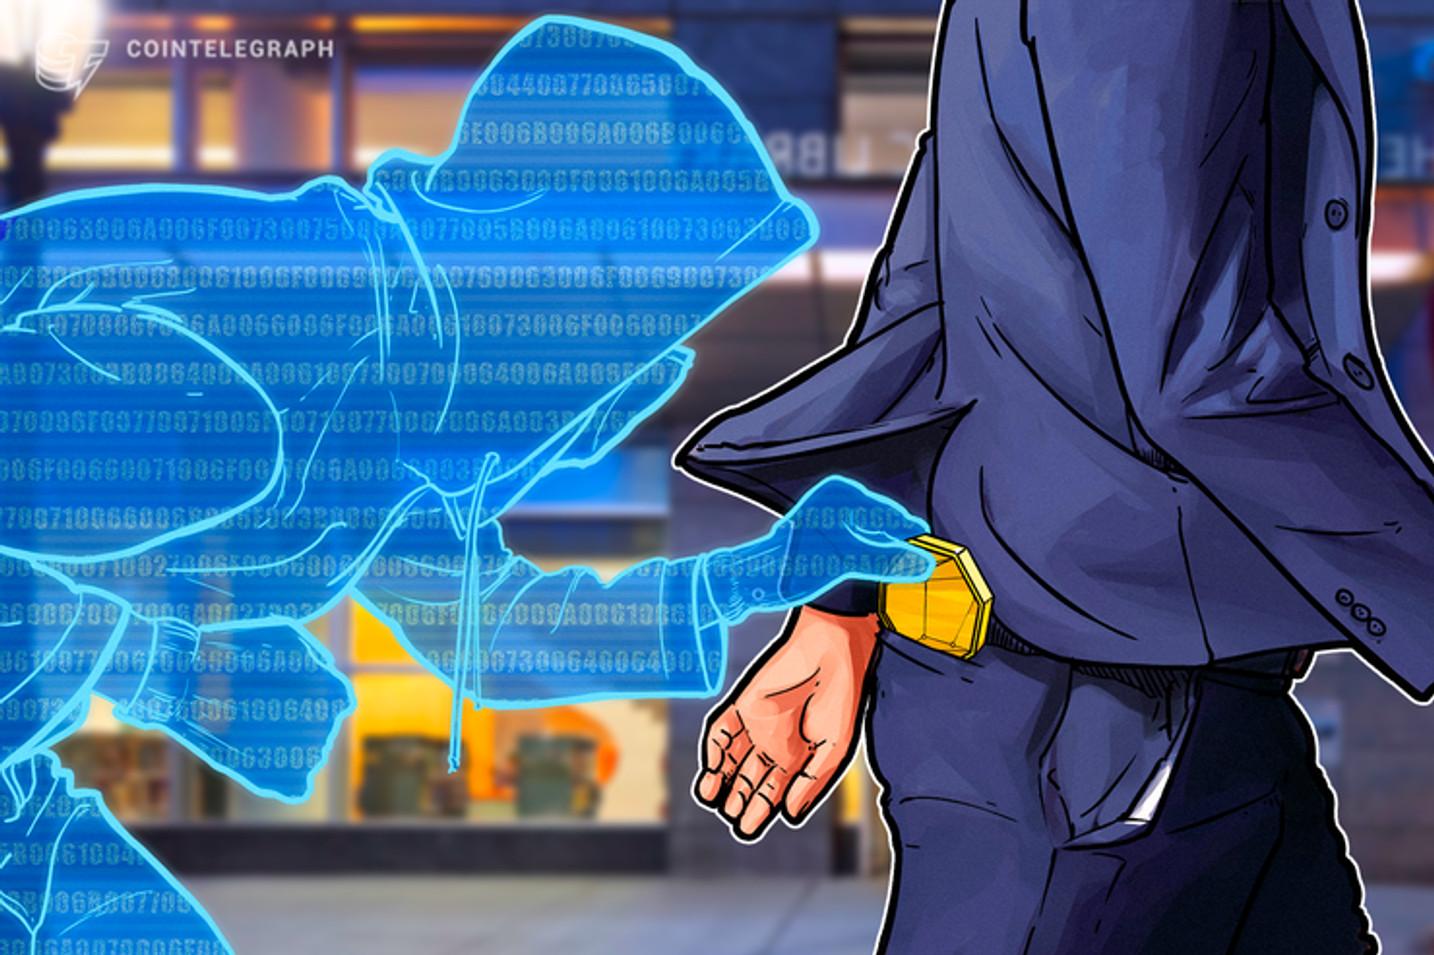 Extorsão Sexual que pede Bitcoin para não revelar vídeos falsos cresce na América Latina; saiba como evitar